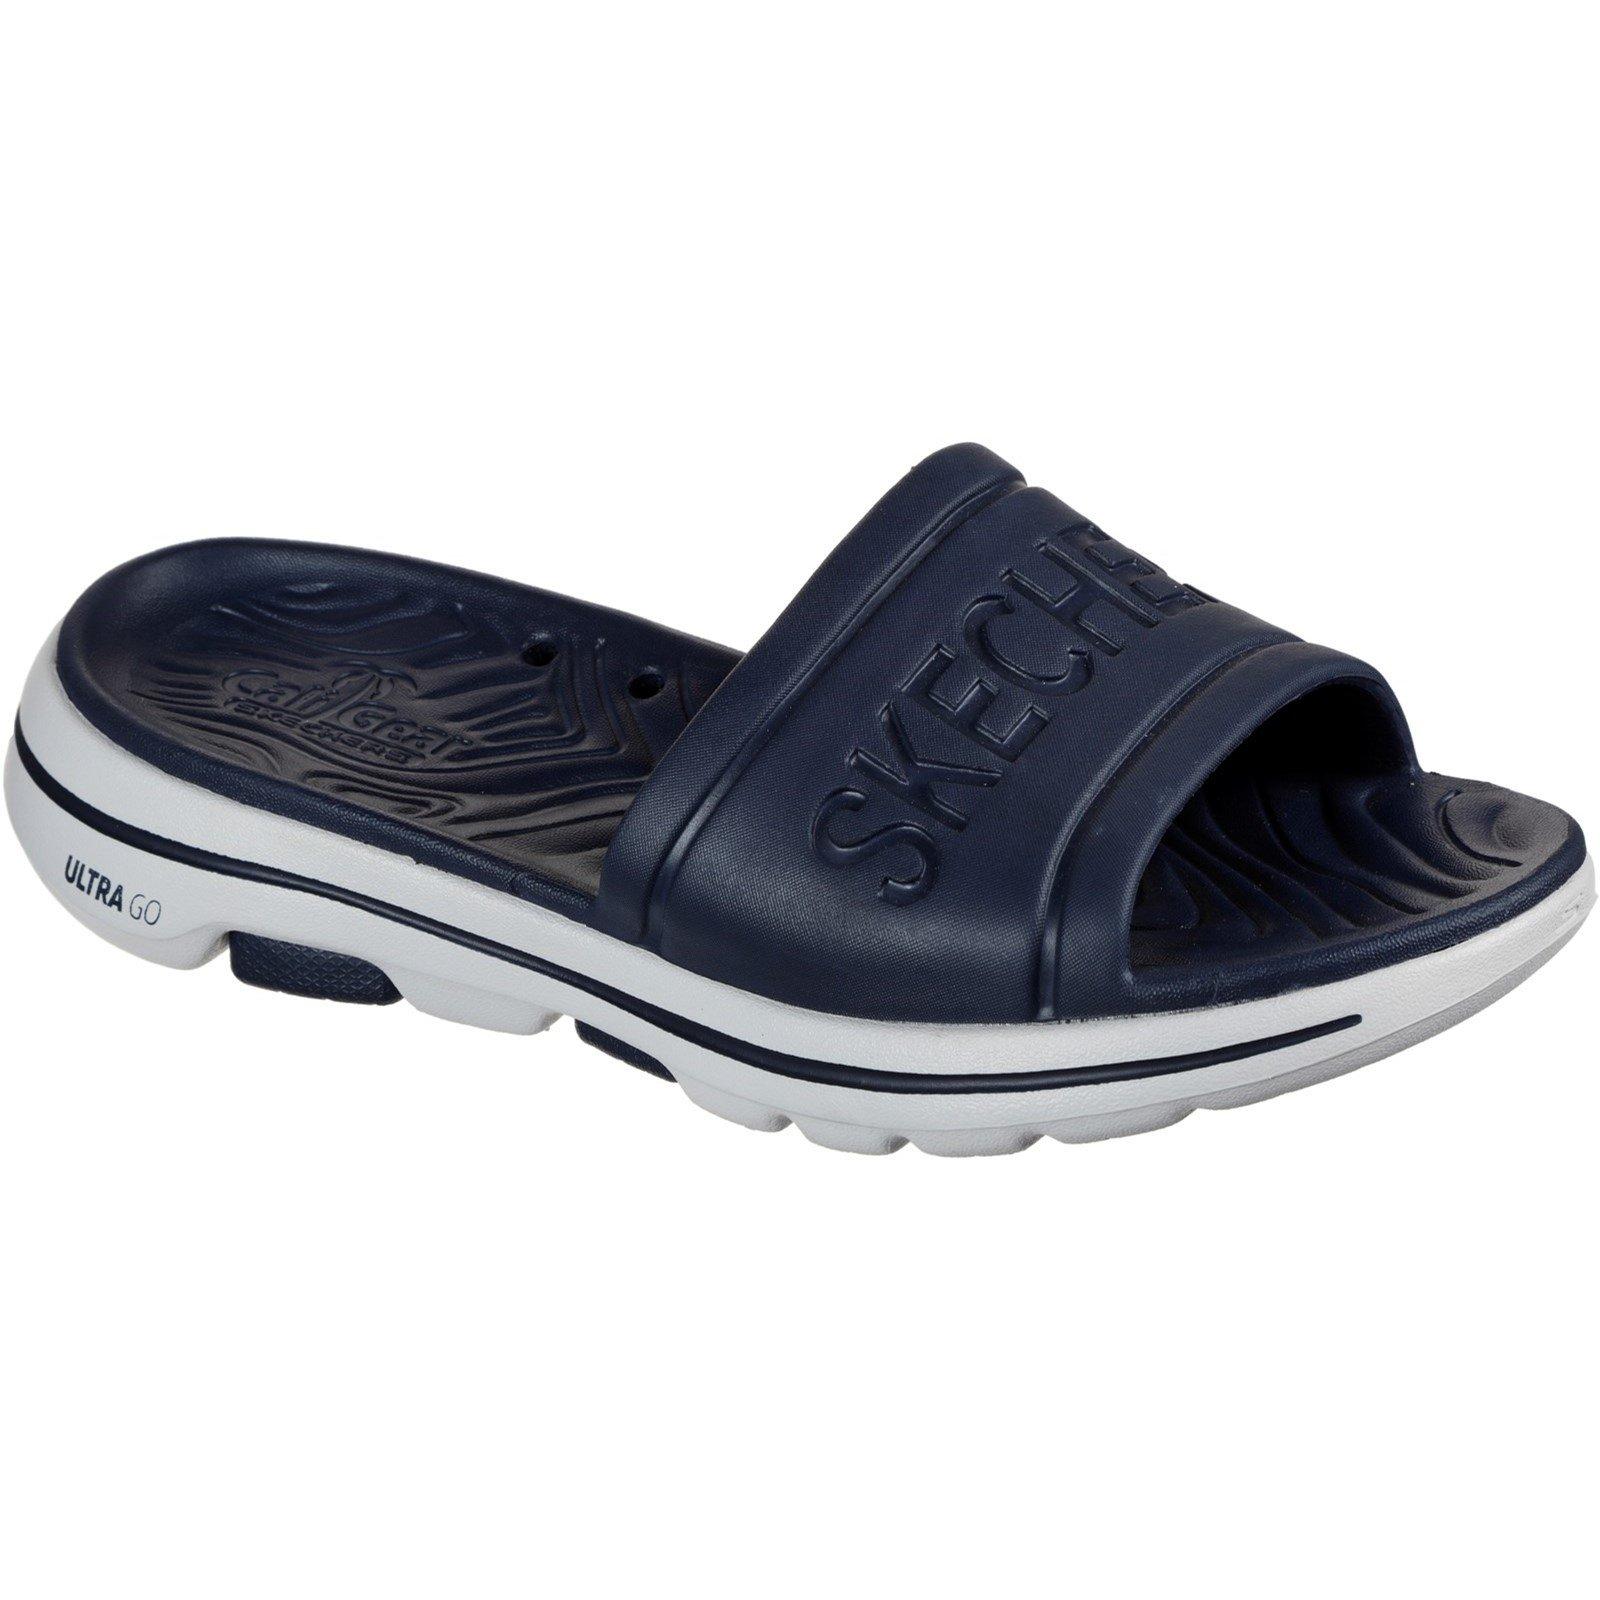 Skechers Men's Go Walk 5 Surfs Out Summer Sandal Various Colours 32207 - Navy 11